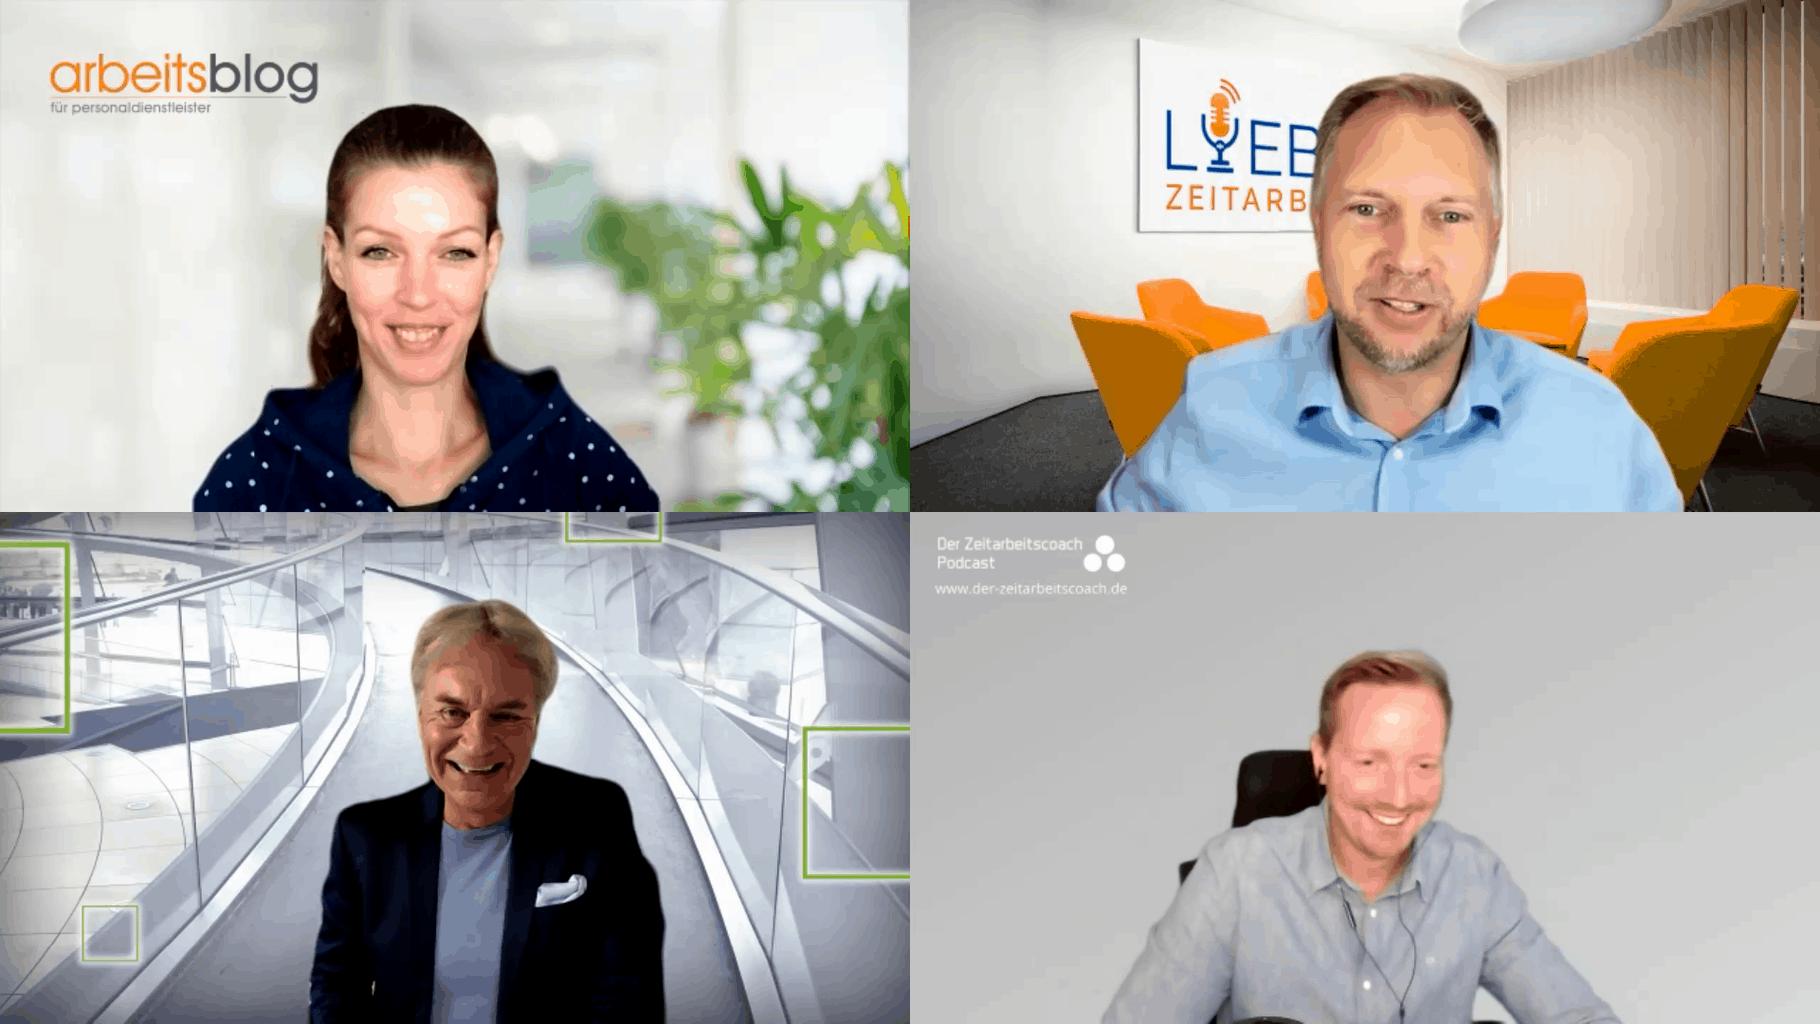 Stolz, Werner_Bundestagswahl 2021_YT-Layout_Zeitarbeitscoach Podcast